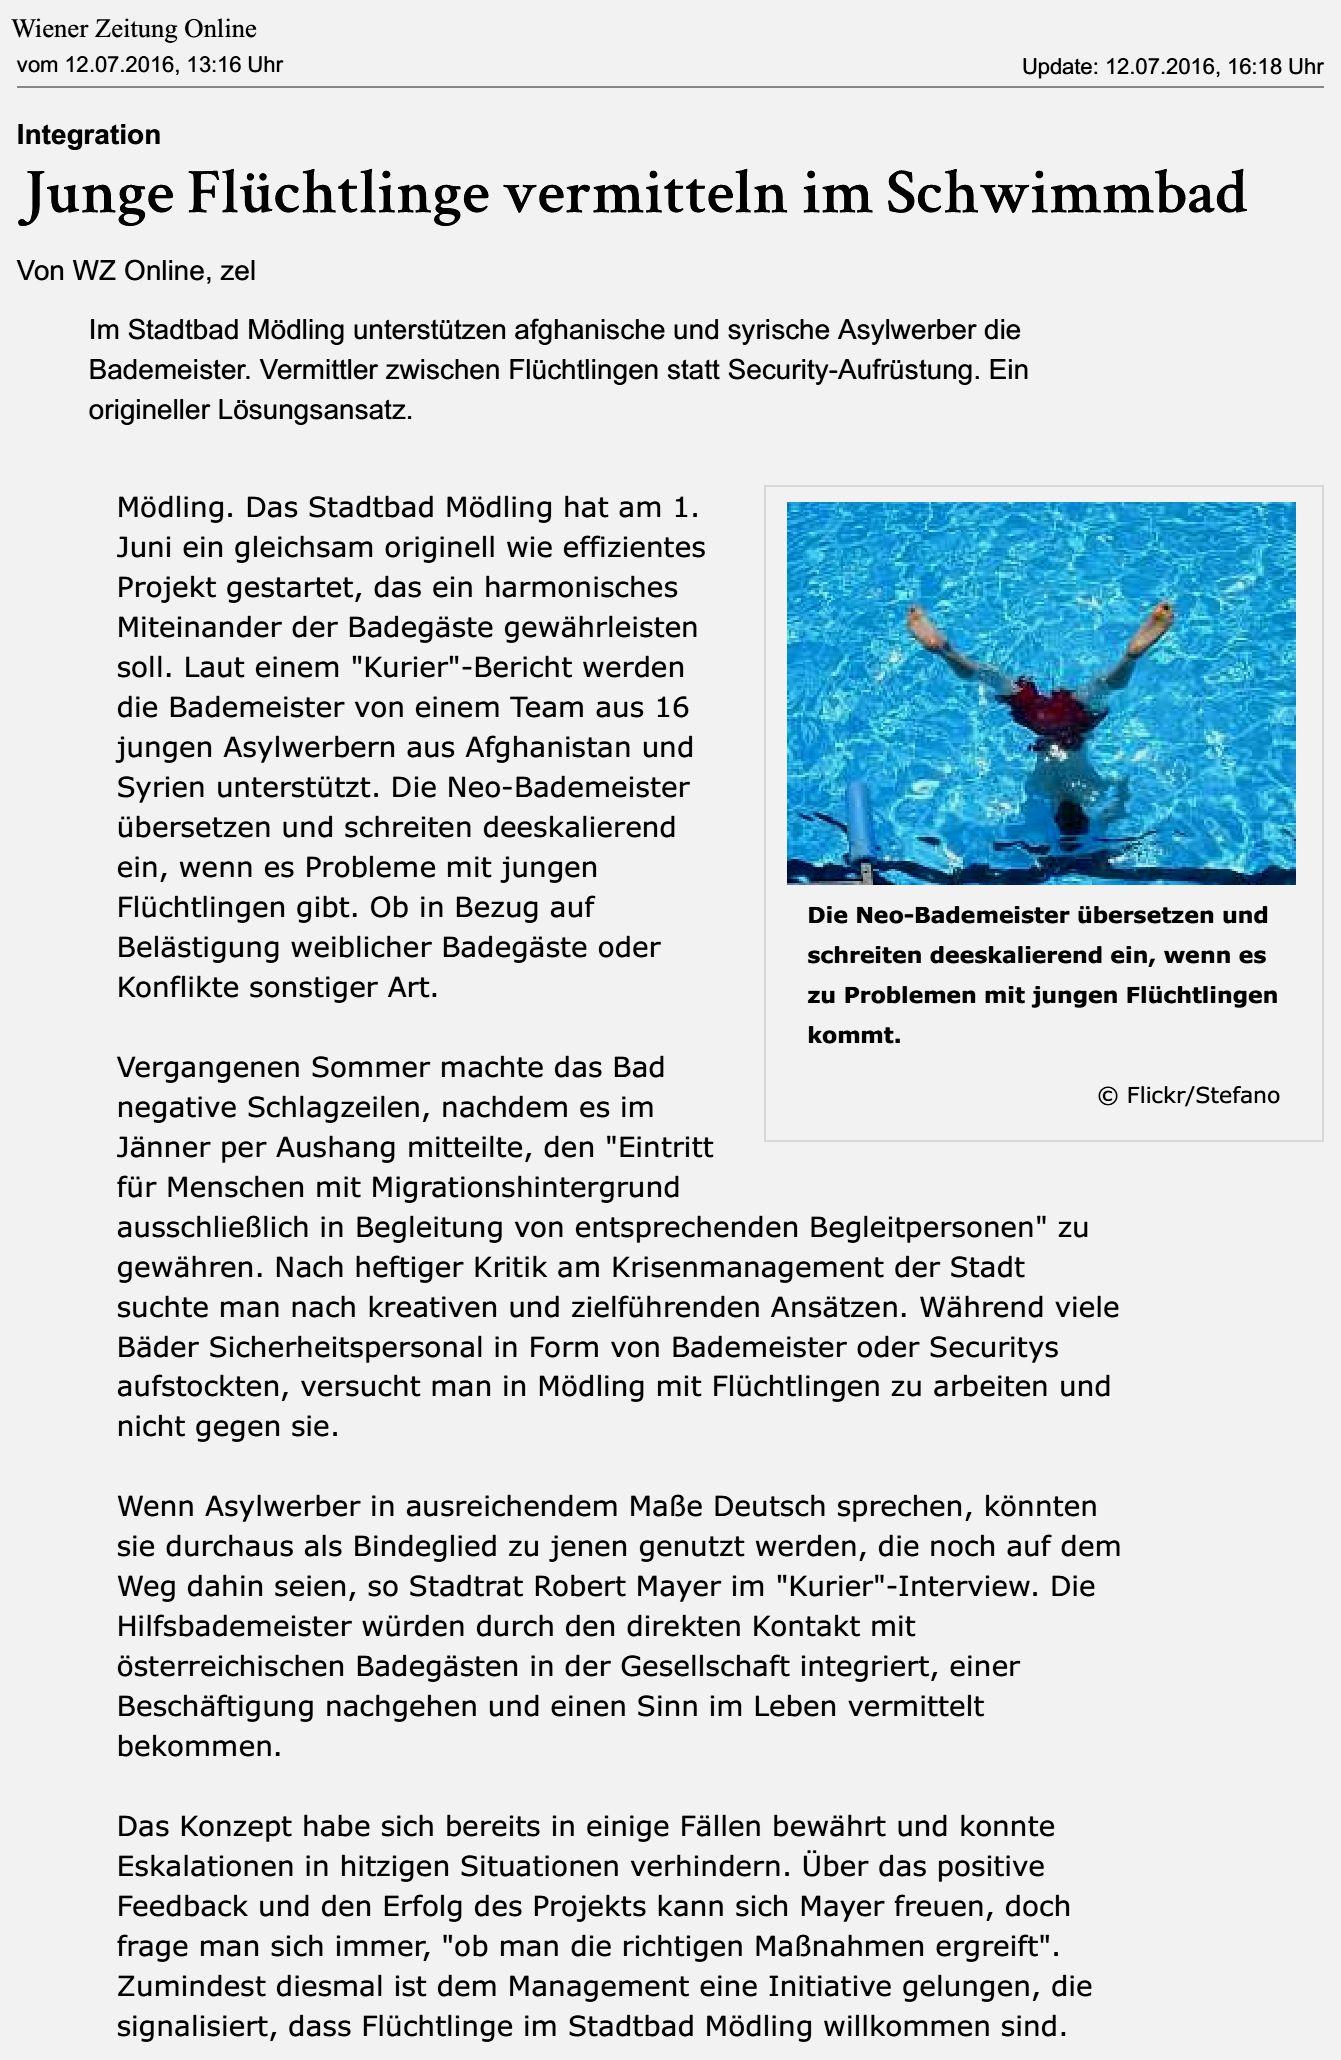 WienerZeitungOnline_20160712_JungeFluechtlingeVermittelnImSchwimmbad